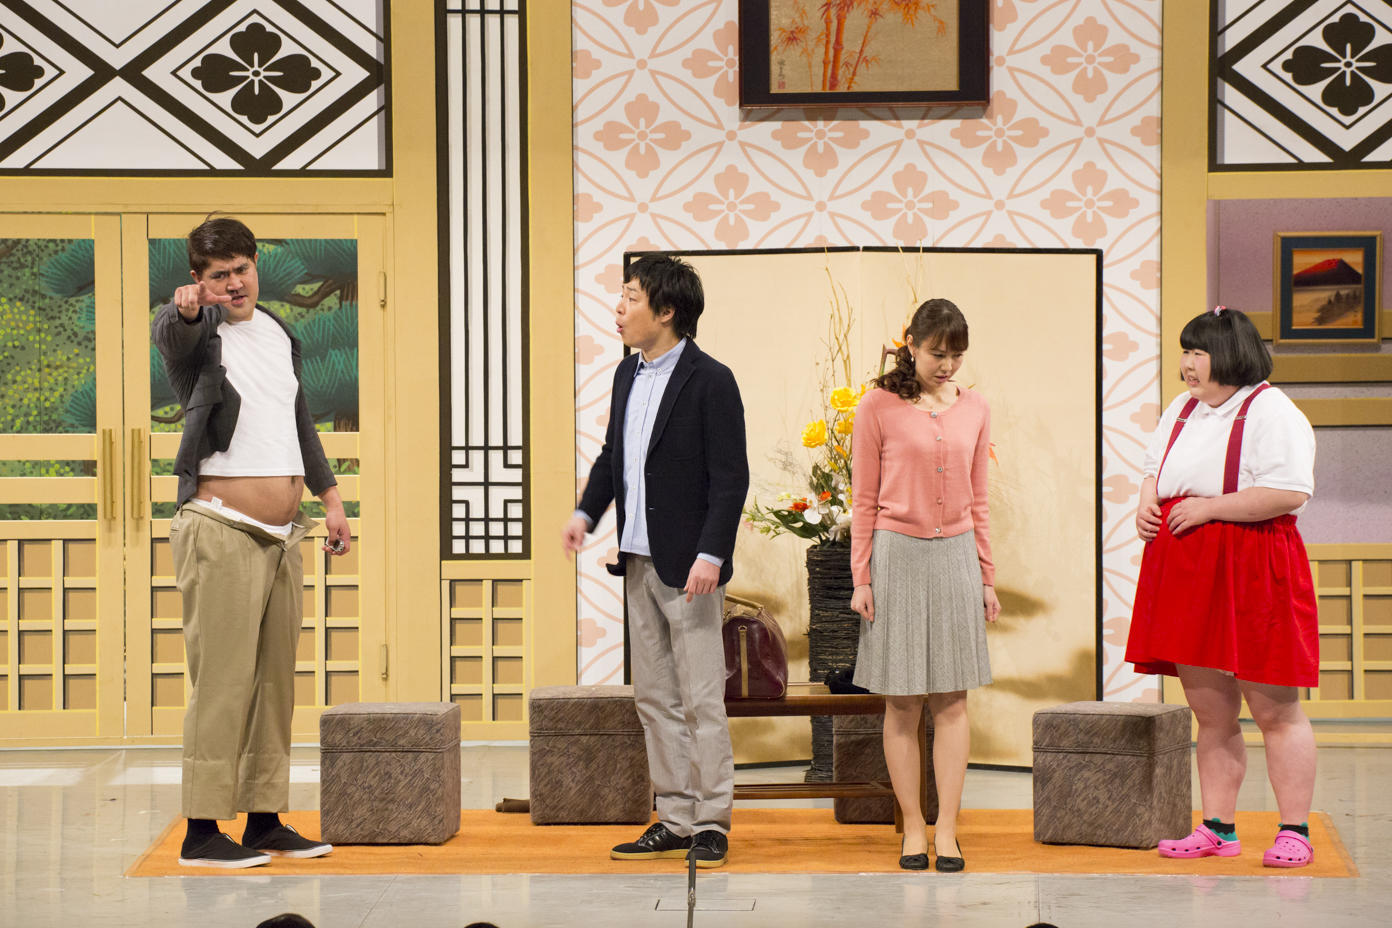 http://news.yoshimoto.co.jp/20161223232846-6a4efc027dba427922c39048d03c2e7389fb9c4f.jpg